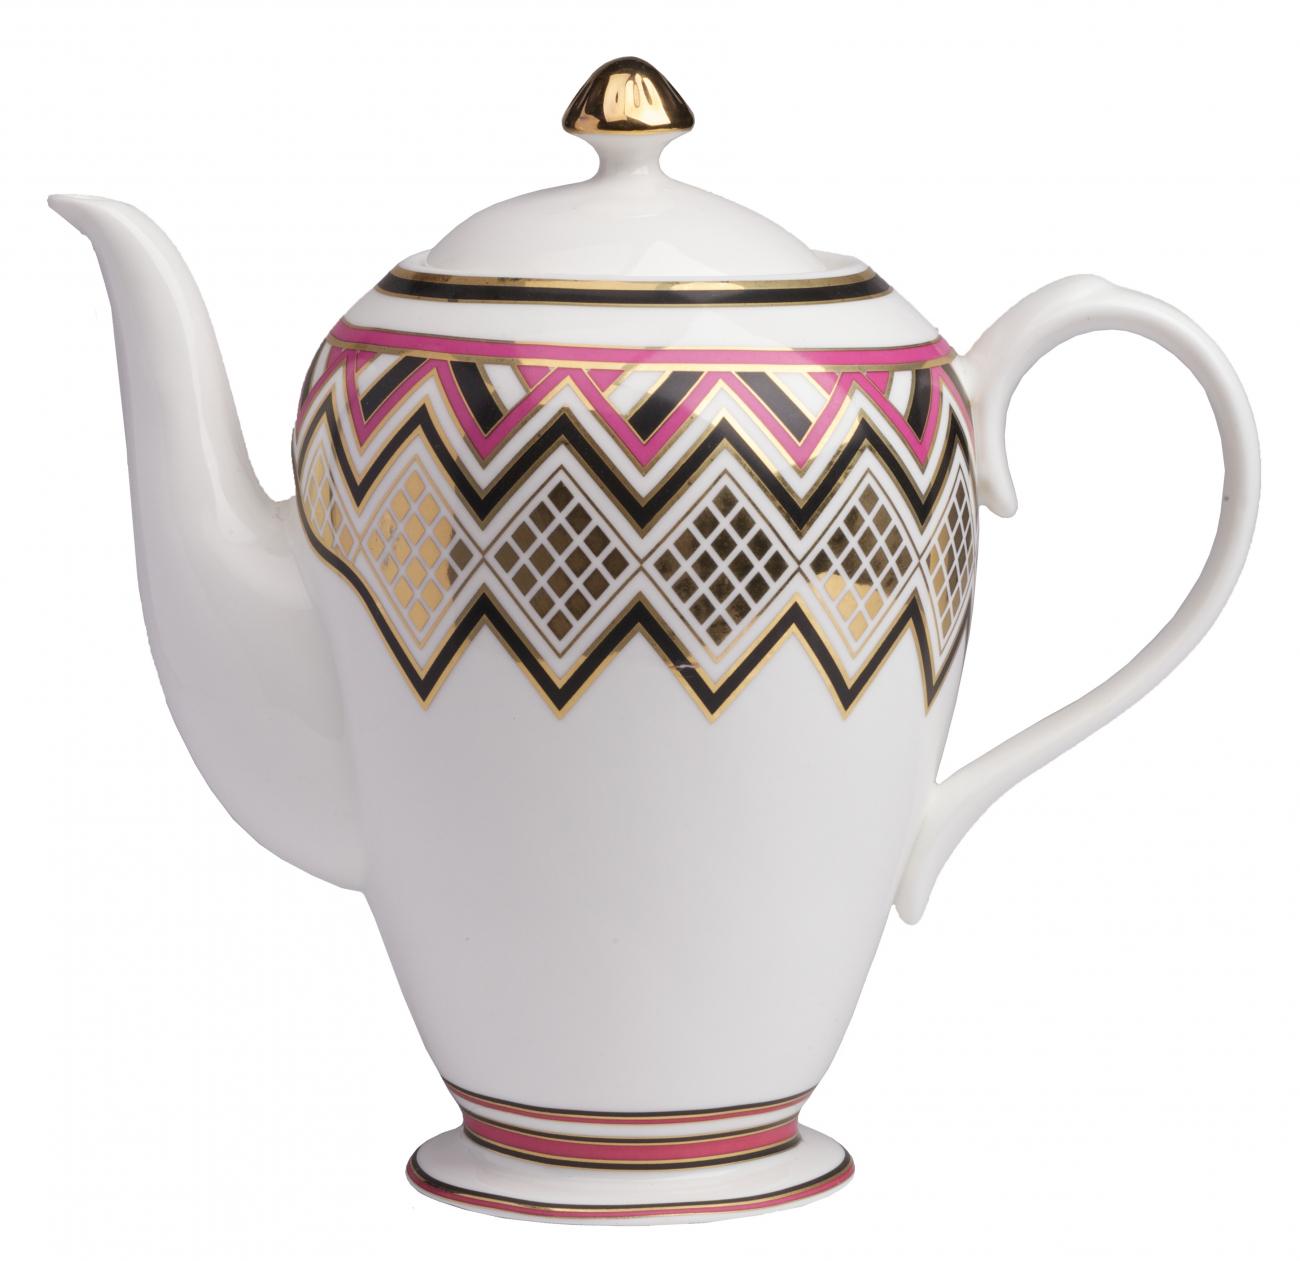 Купить Заварной чайник Exotic в интернет магазине дизайнерской мебели и аксессуаров для дома и дачи